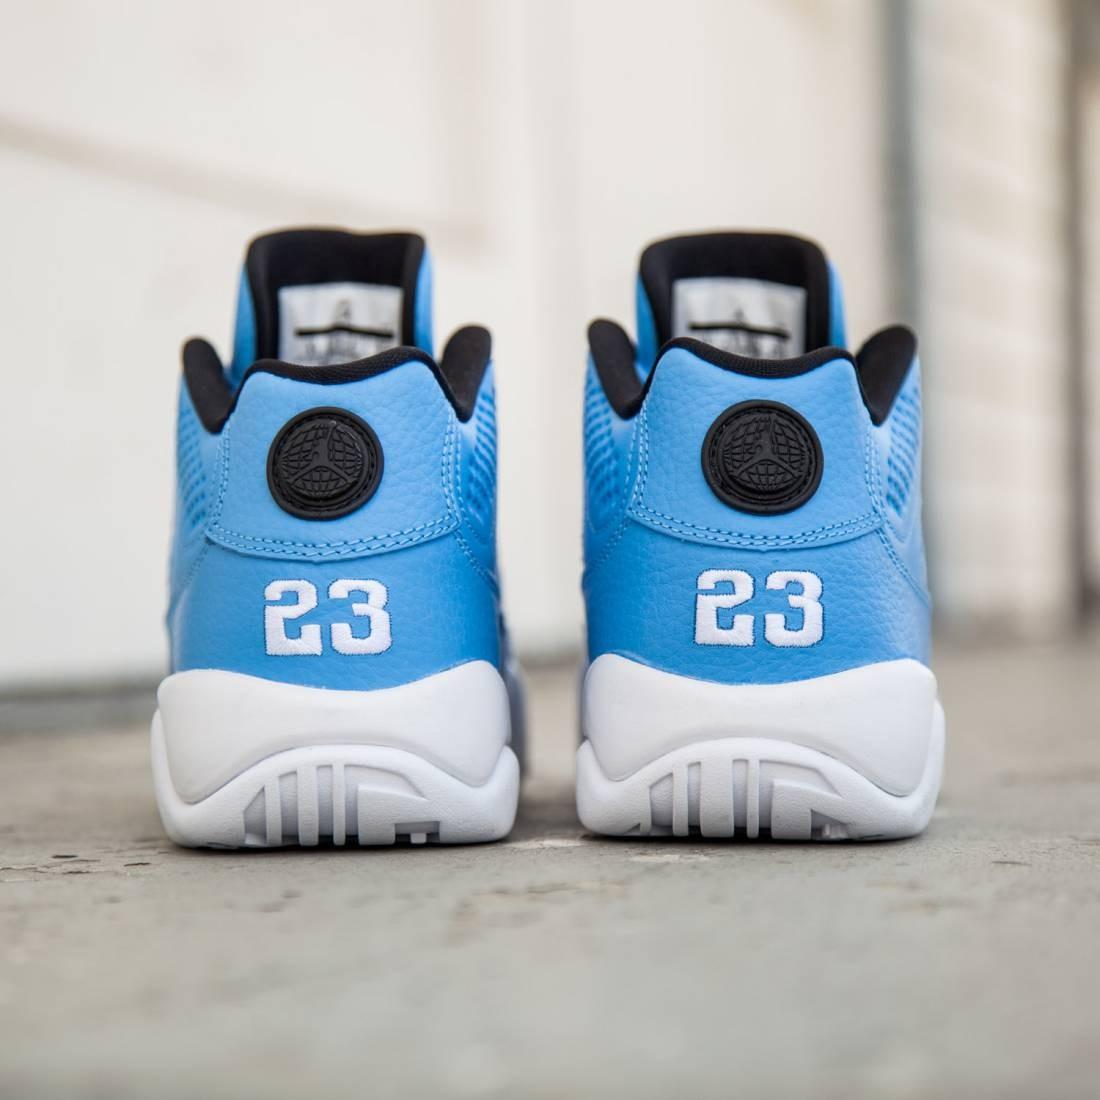 100% authentic 309d0 bcd49 ... Pantone Air Jordans Air Jordan 9 Retro Low (GS) Big Kids (university  blue university blue ...